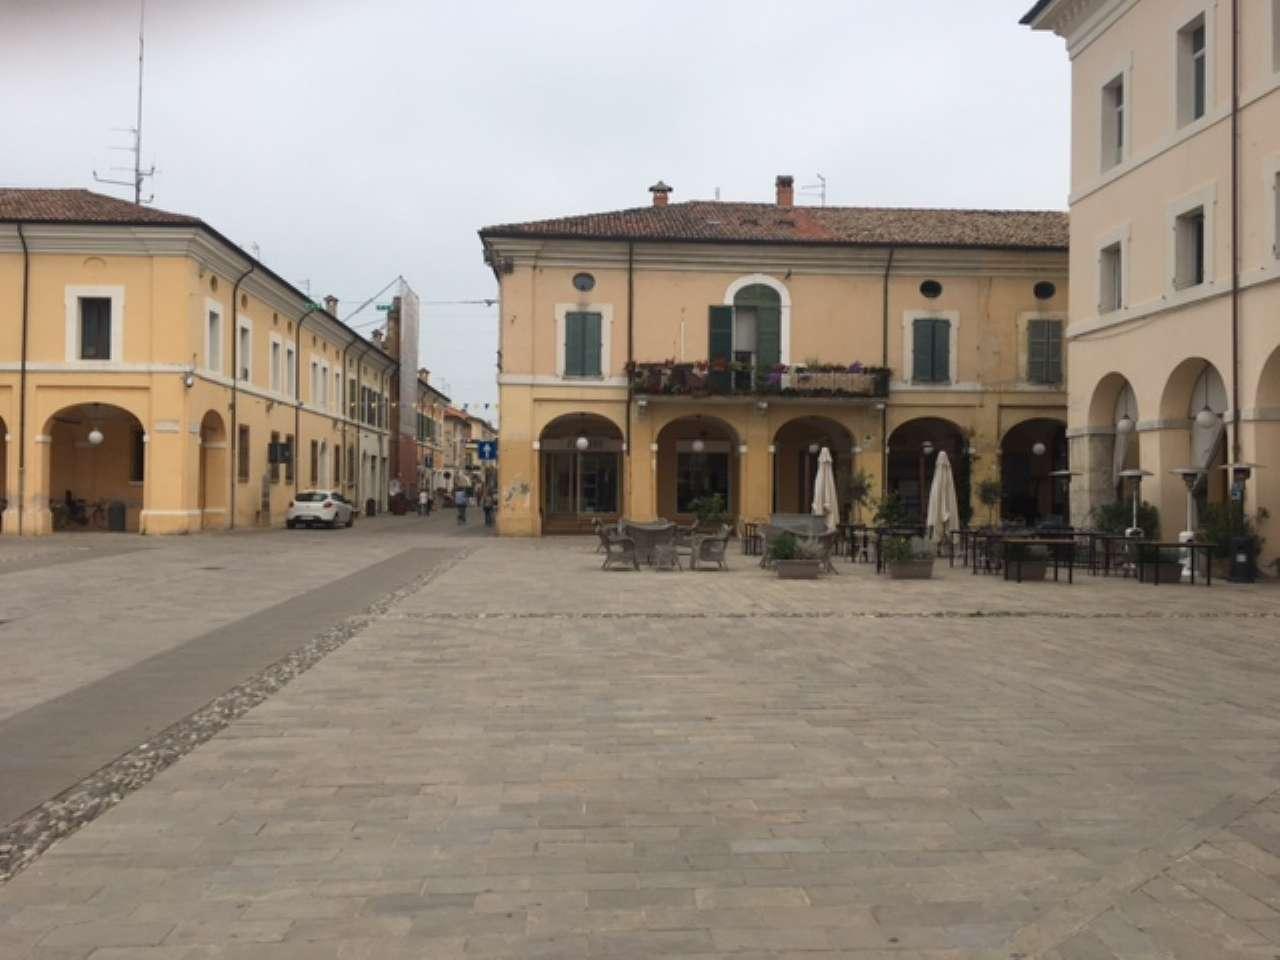 Negozio / Locale in vendita a Cervia - Milano Marittima, 9999 locali, prezzo € 320.000 | Cambio Casa.it